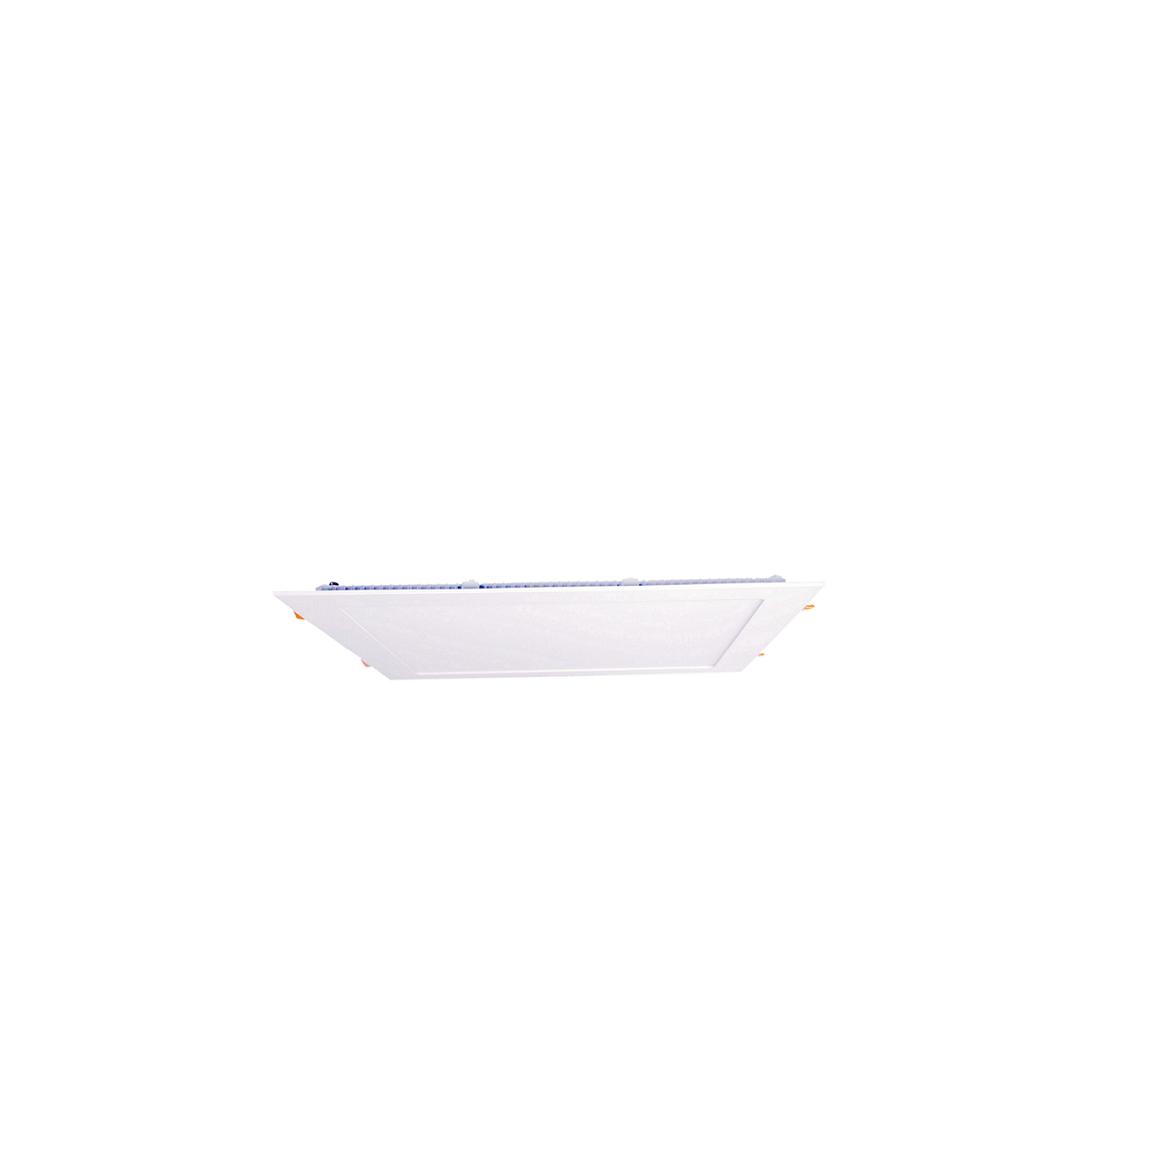 LW-SAAKP03 - 3 Watt Sıva Altı Kare LED Panel Armatür